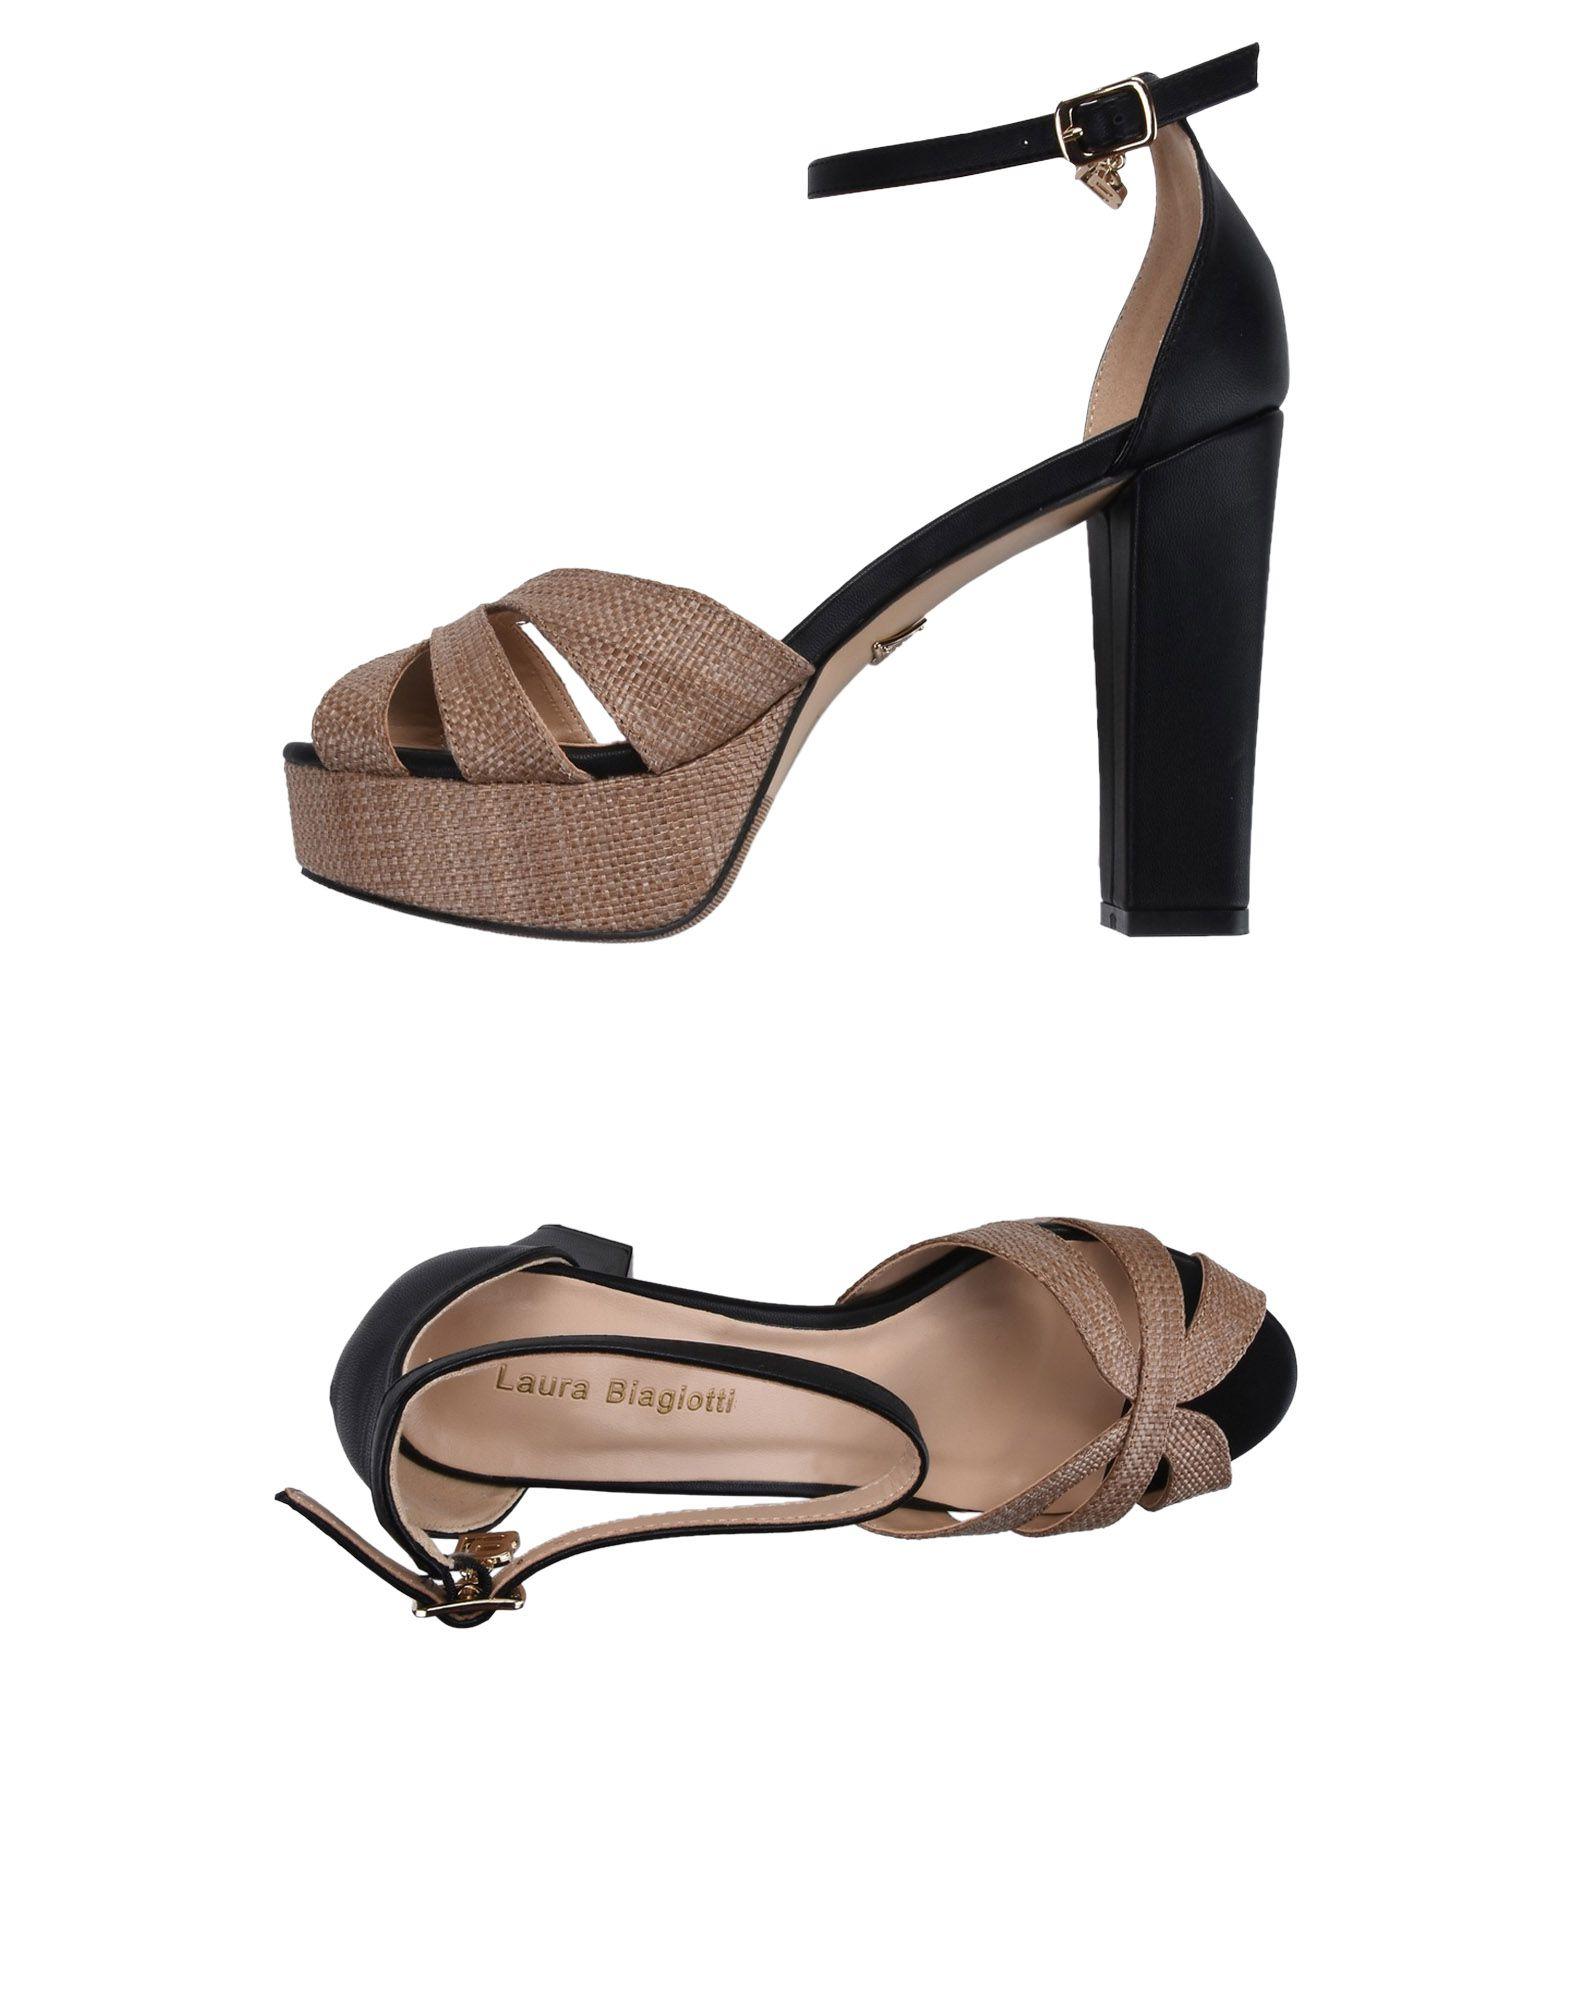 Laura Laura Biagiotti Sandals - Women Laura Laura Biagiotti Sandals online on  Australia - 11390732KL 15be1d